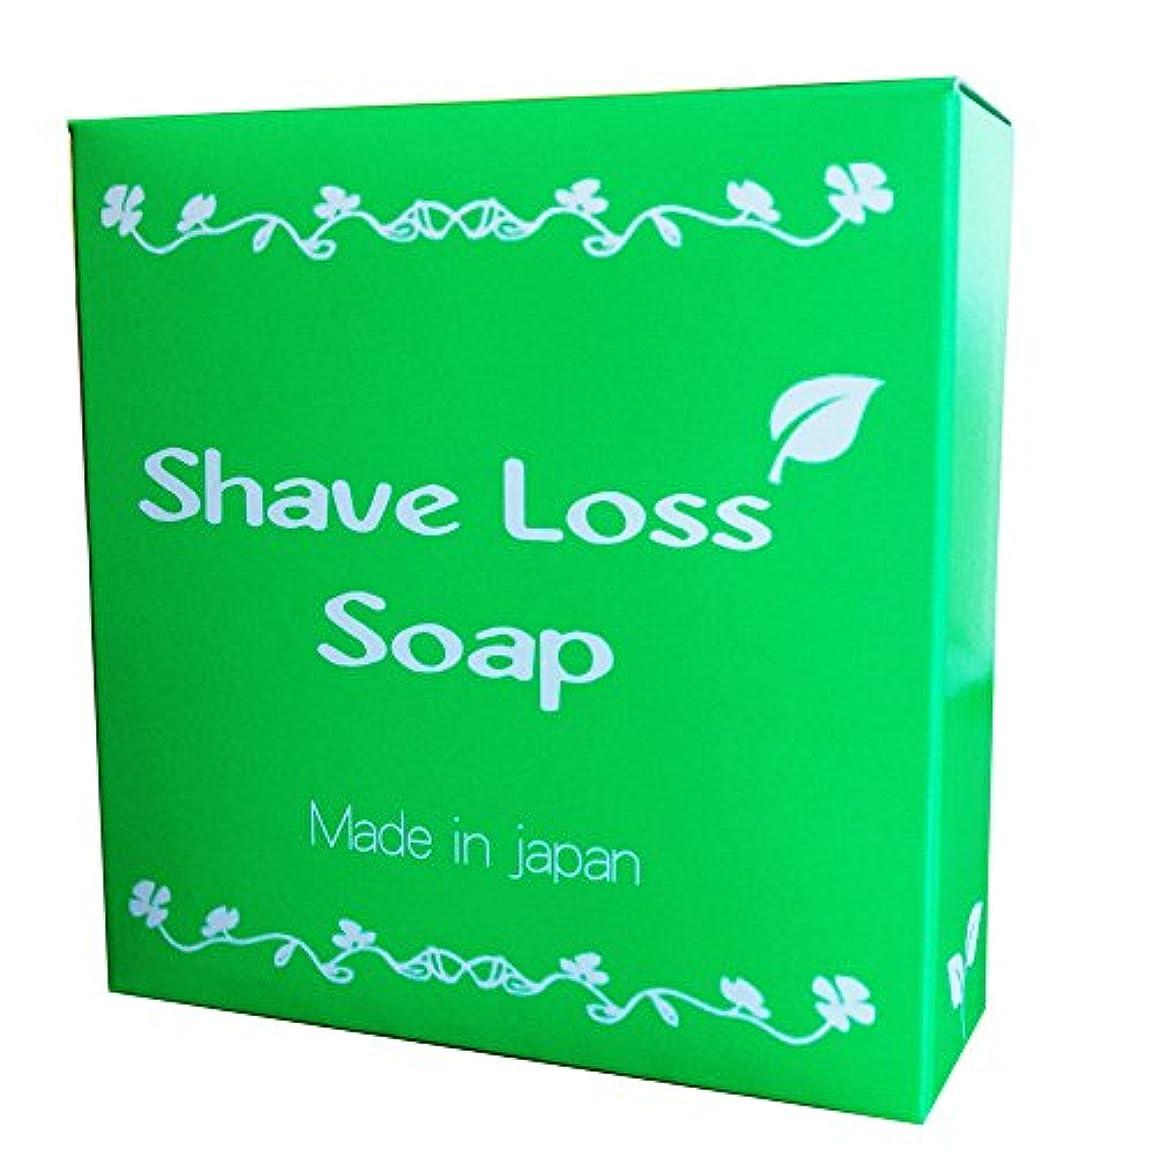 信条本物の休みShave Loss Soap 女性のツルツルを叶える 奇跡の石鹸 80g (1個)